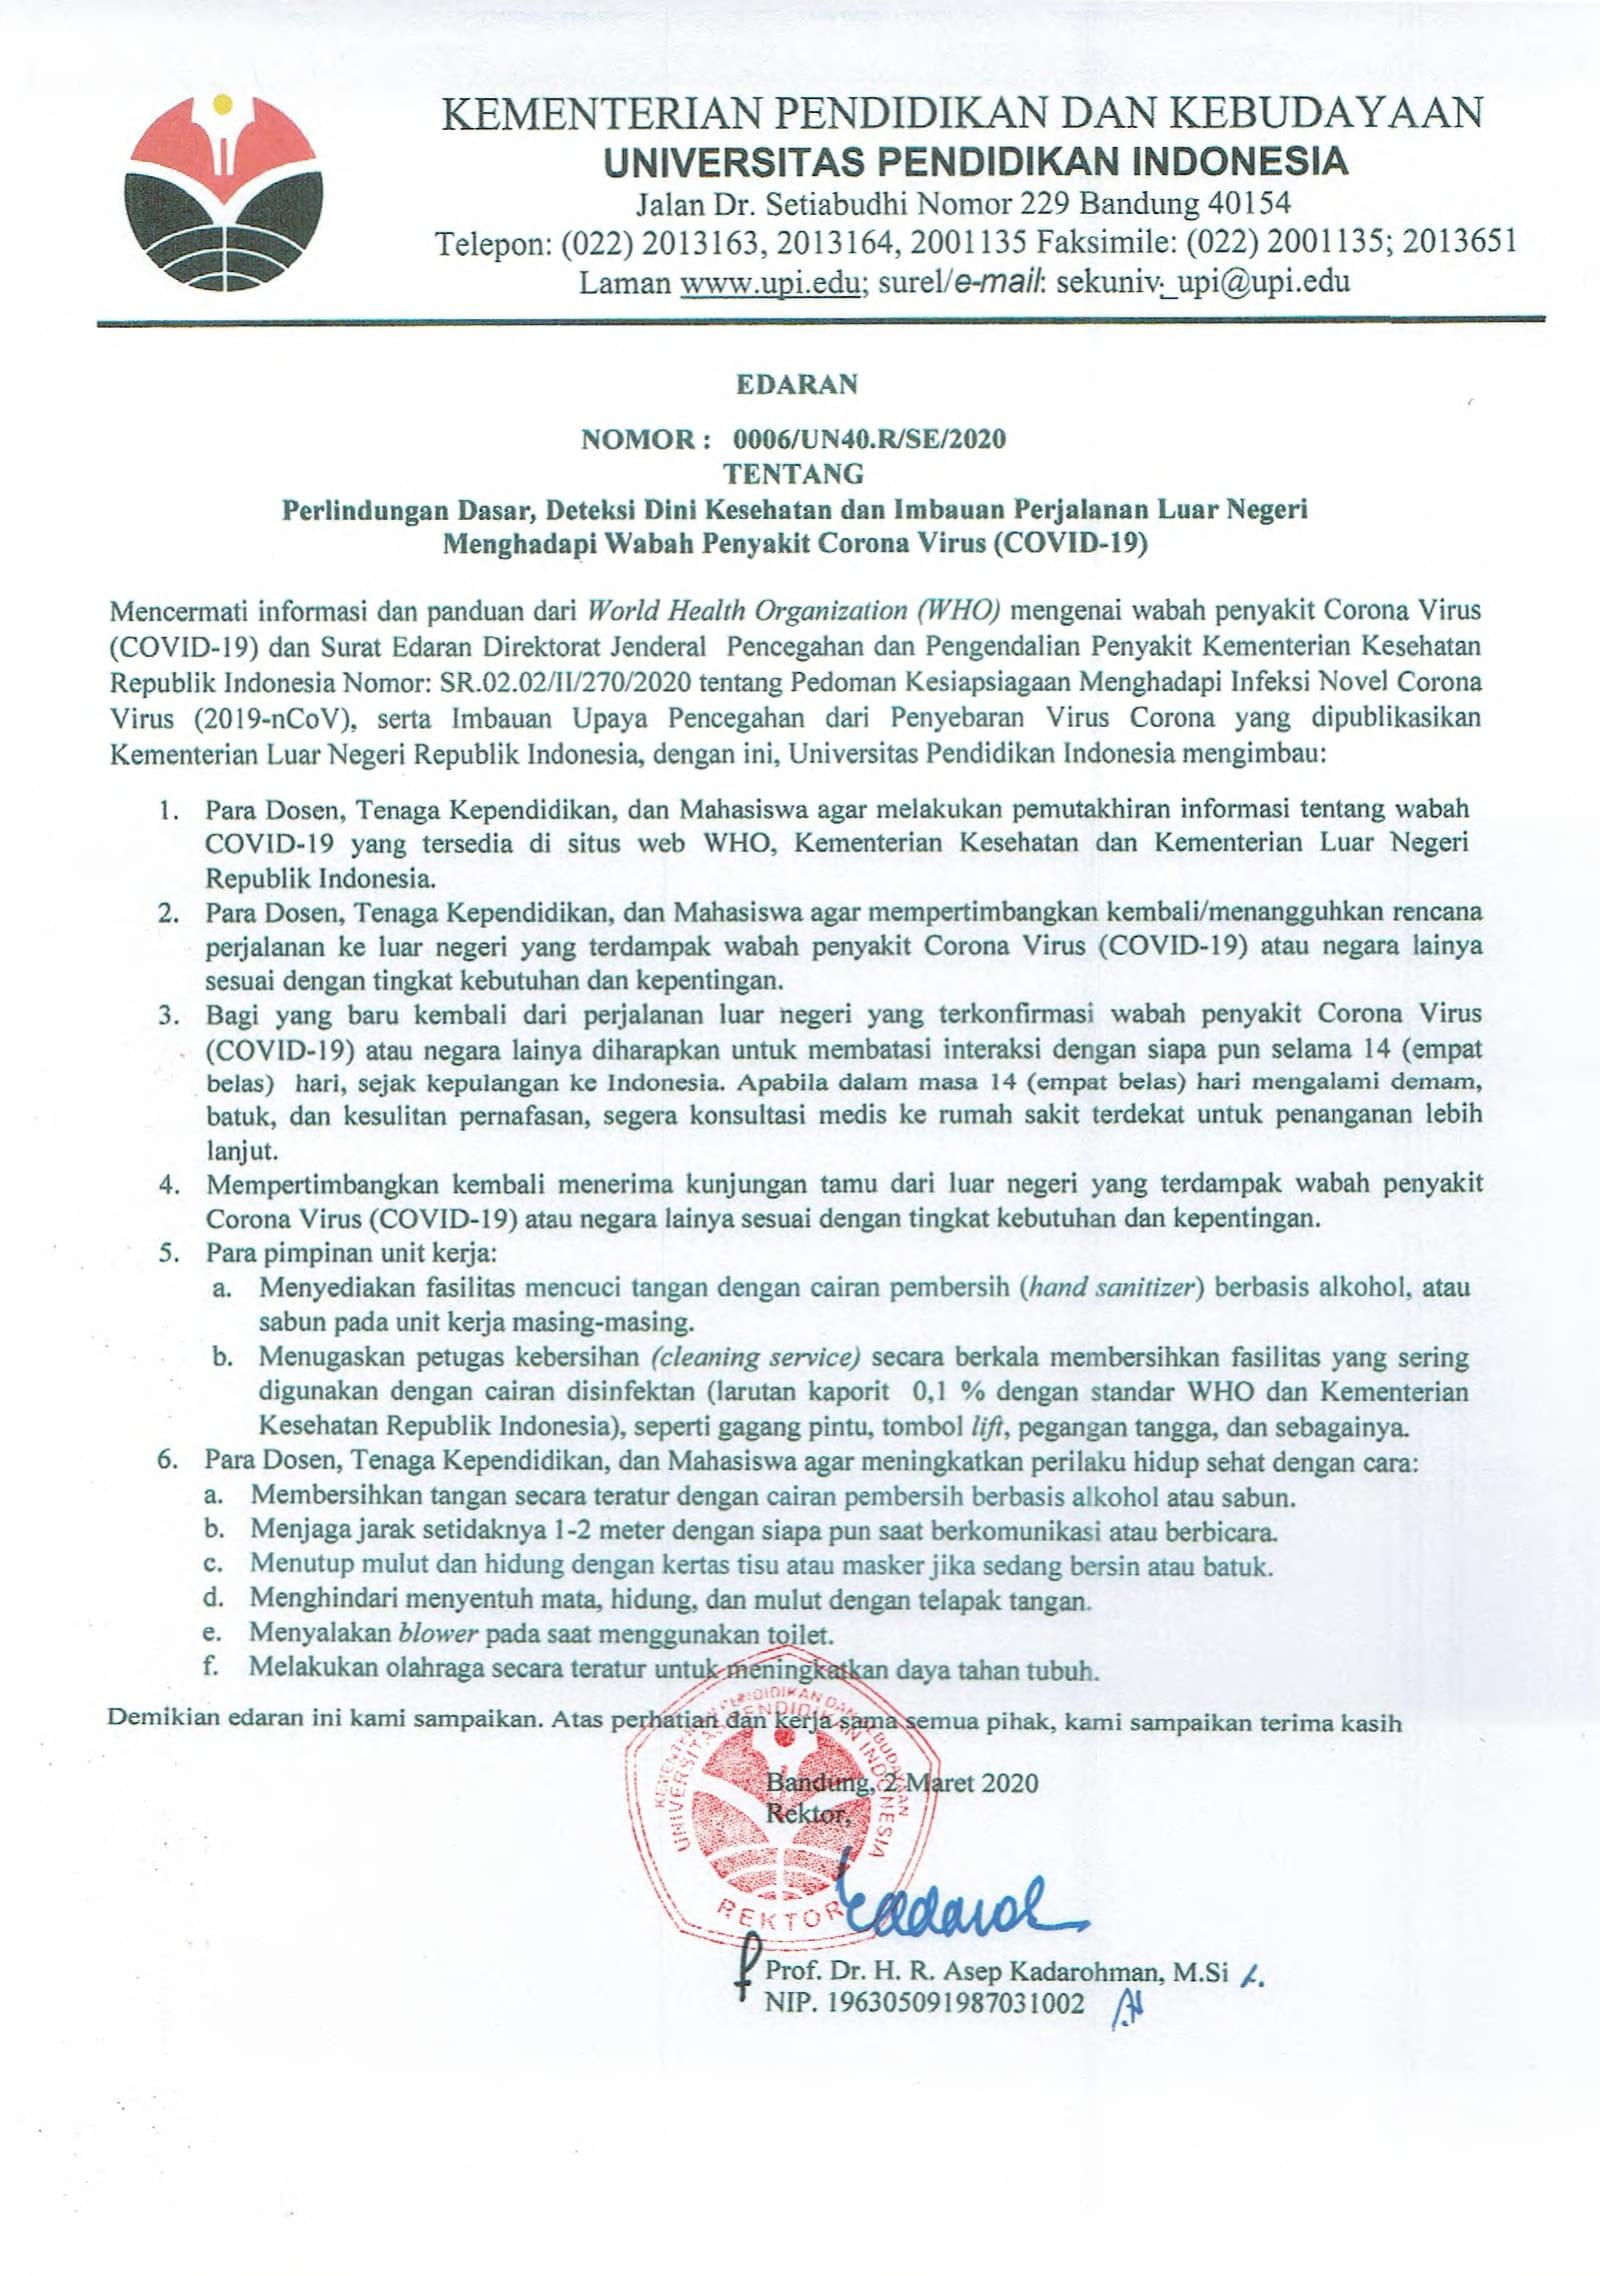 Surat Edaran Rektor UPI tentang Perlindungan Dasar, Deteksi Dini Kesehatan dan Imbauan Perjalanan Luar Negeri Menghadapi Wabah Penyakit Corona Virus